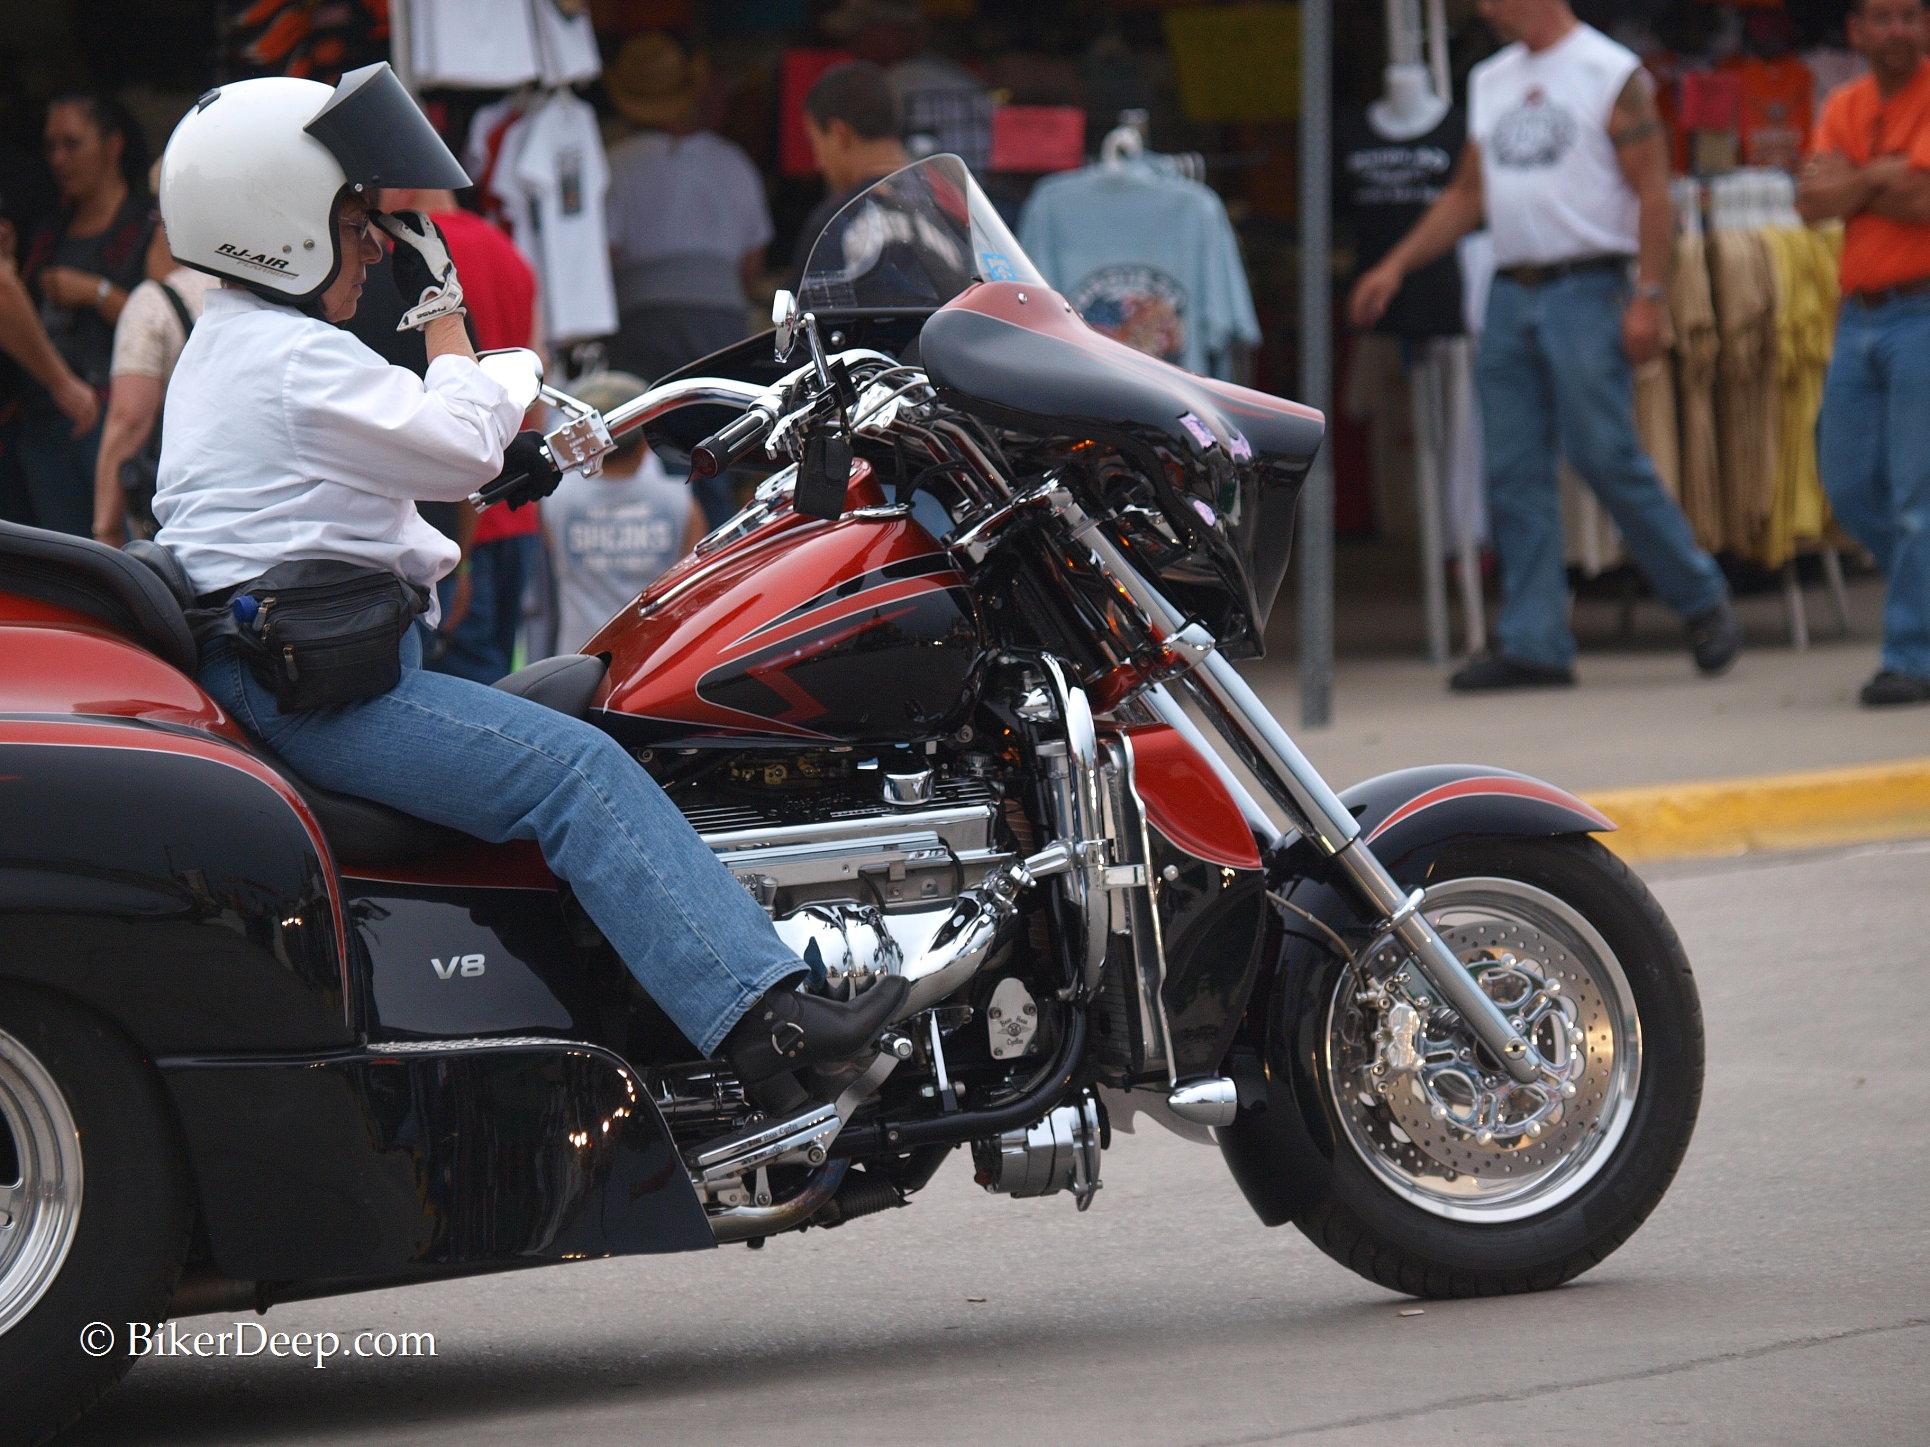 trike motorcycle